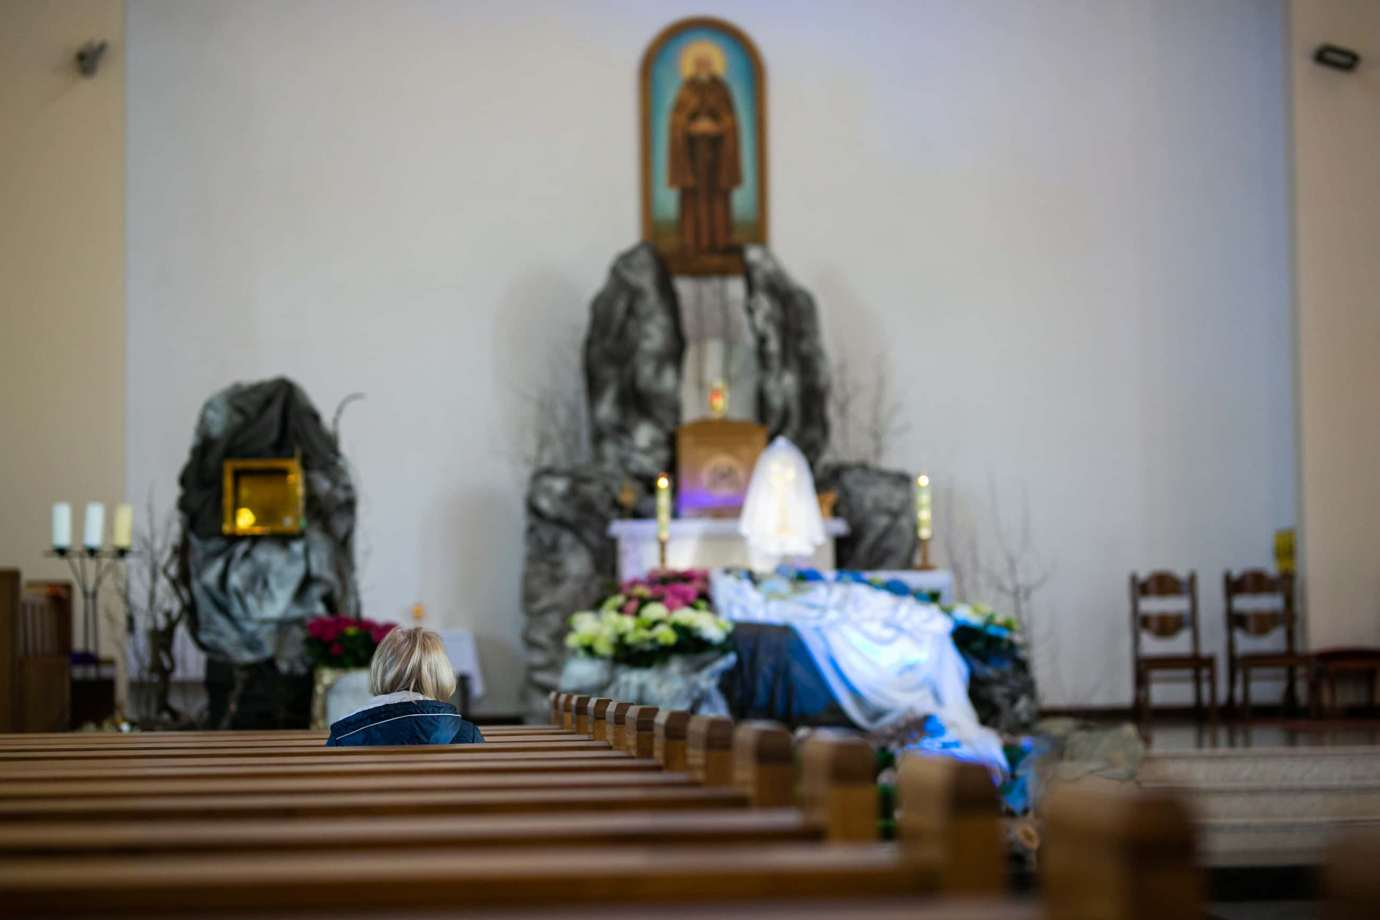 parafia pw swietego brata alberta w zamosciu 3 Zdjęcia grobów pańskich w zamojskich świątyniach